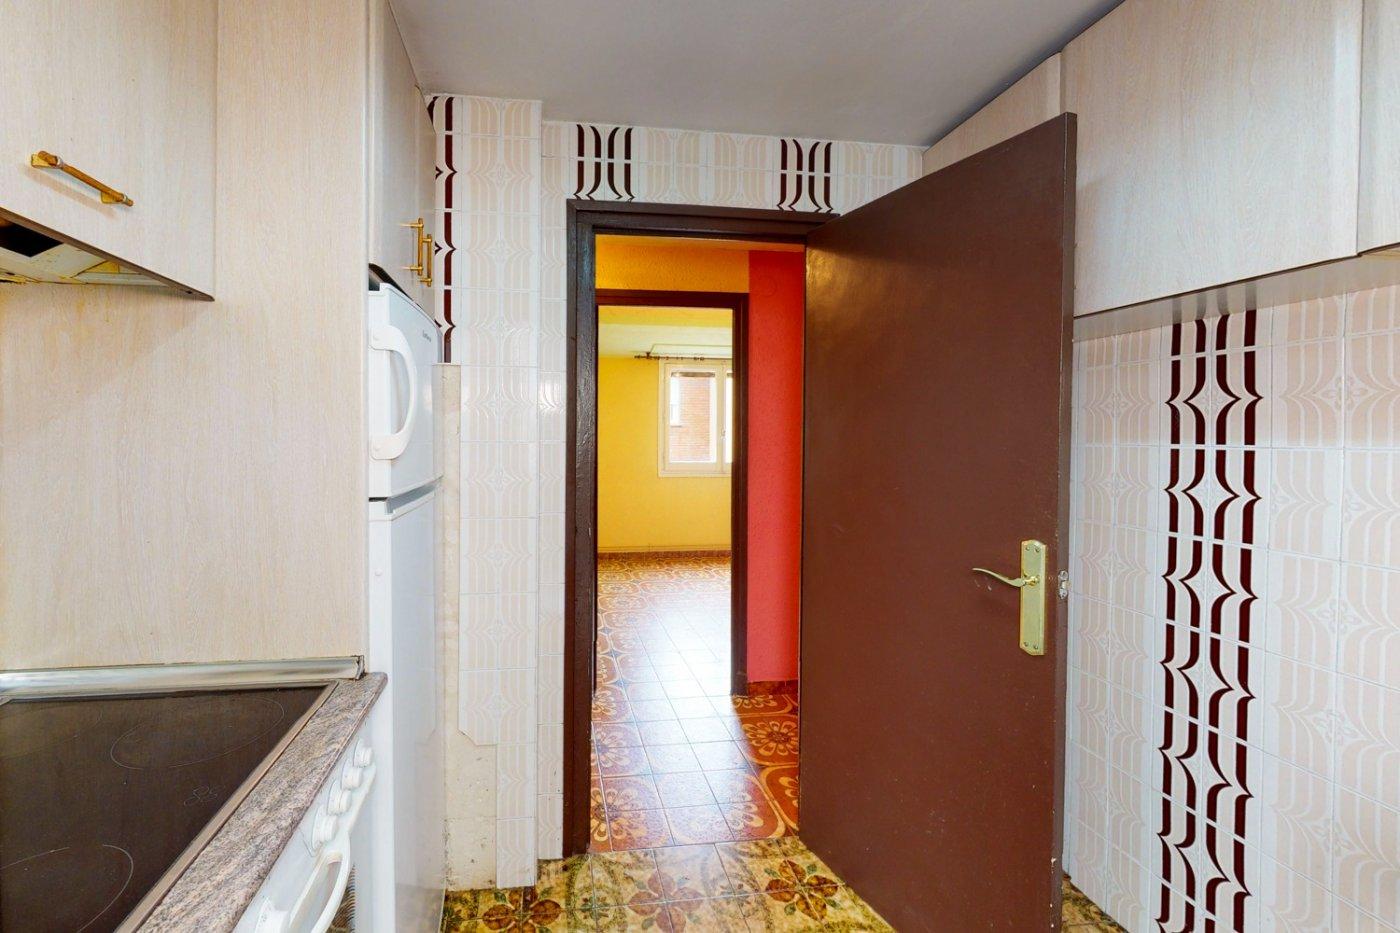 Piso a la venta en c/ lugo, exterior, de tres dormitorios, salon, cocina y baÑo. - imagenInmueble11